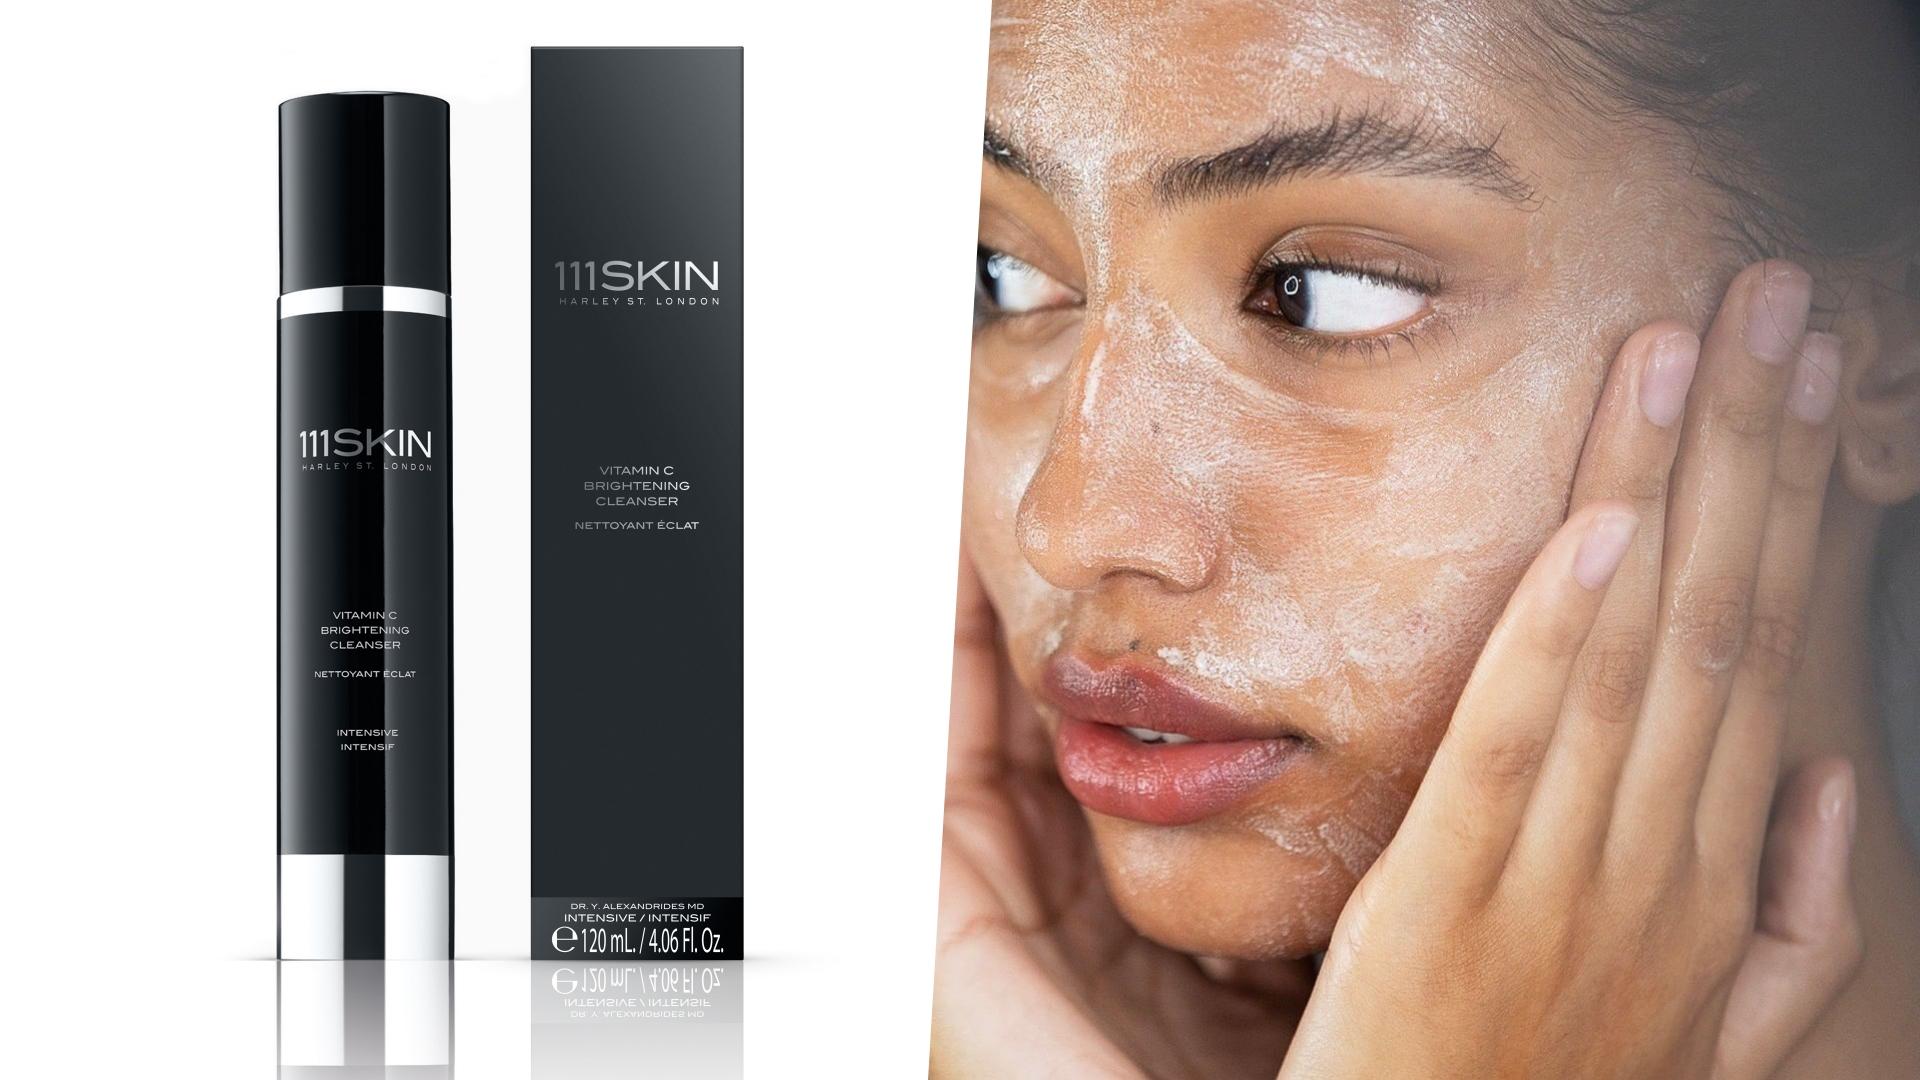 111SKIN黑鑽超光速全能潔顏乳針對暗沉和斑點設計,洗後感覺肌膚超乾淨!